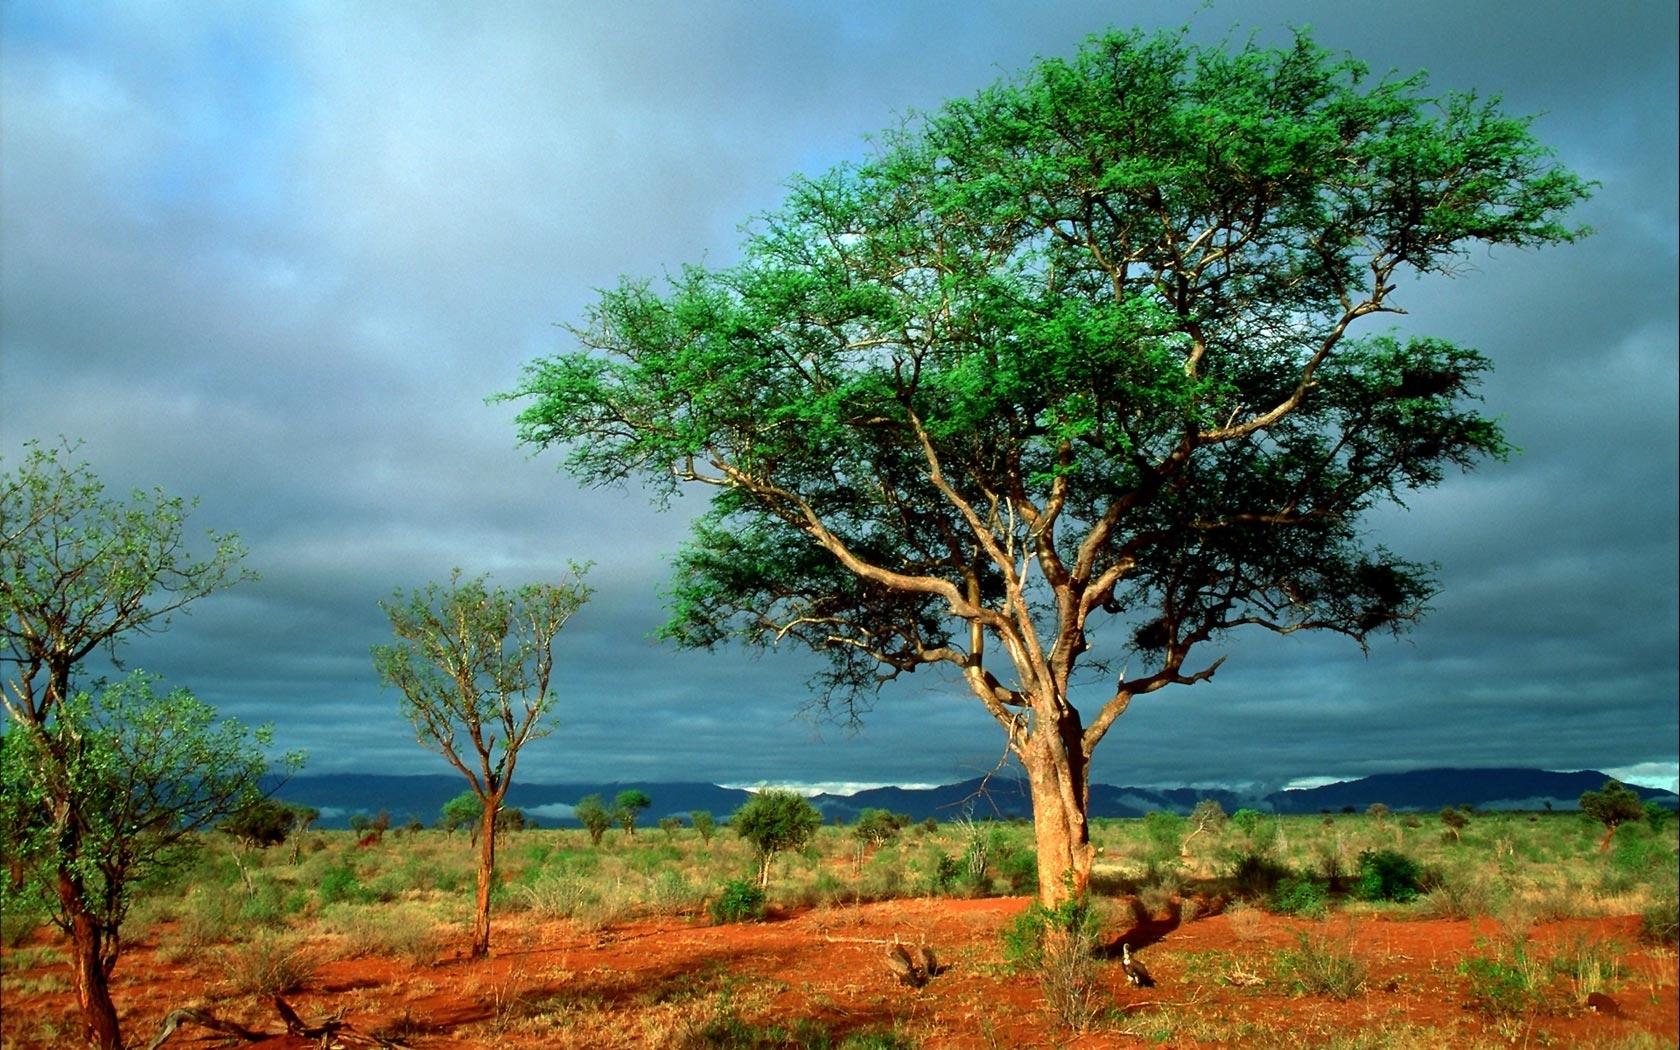 26336 скачать обои Пейзаж, Деревья, Саванна, Облака - заставки и картинки бесплатно